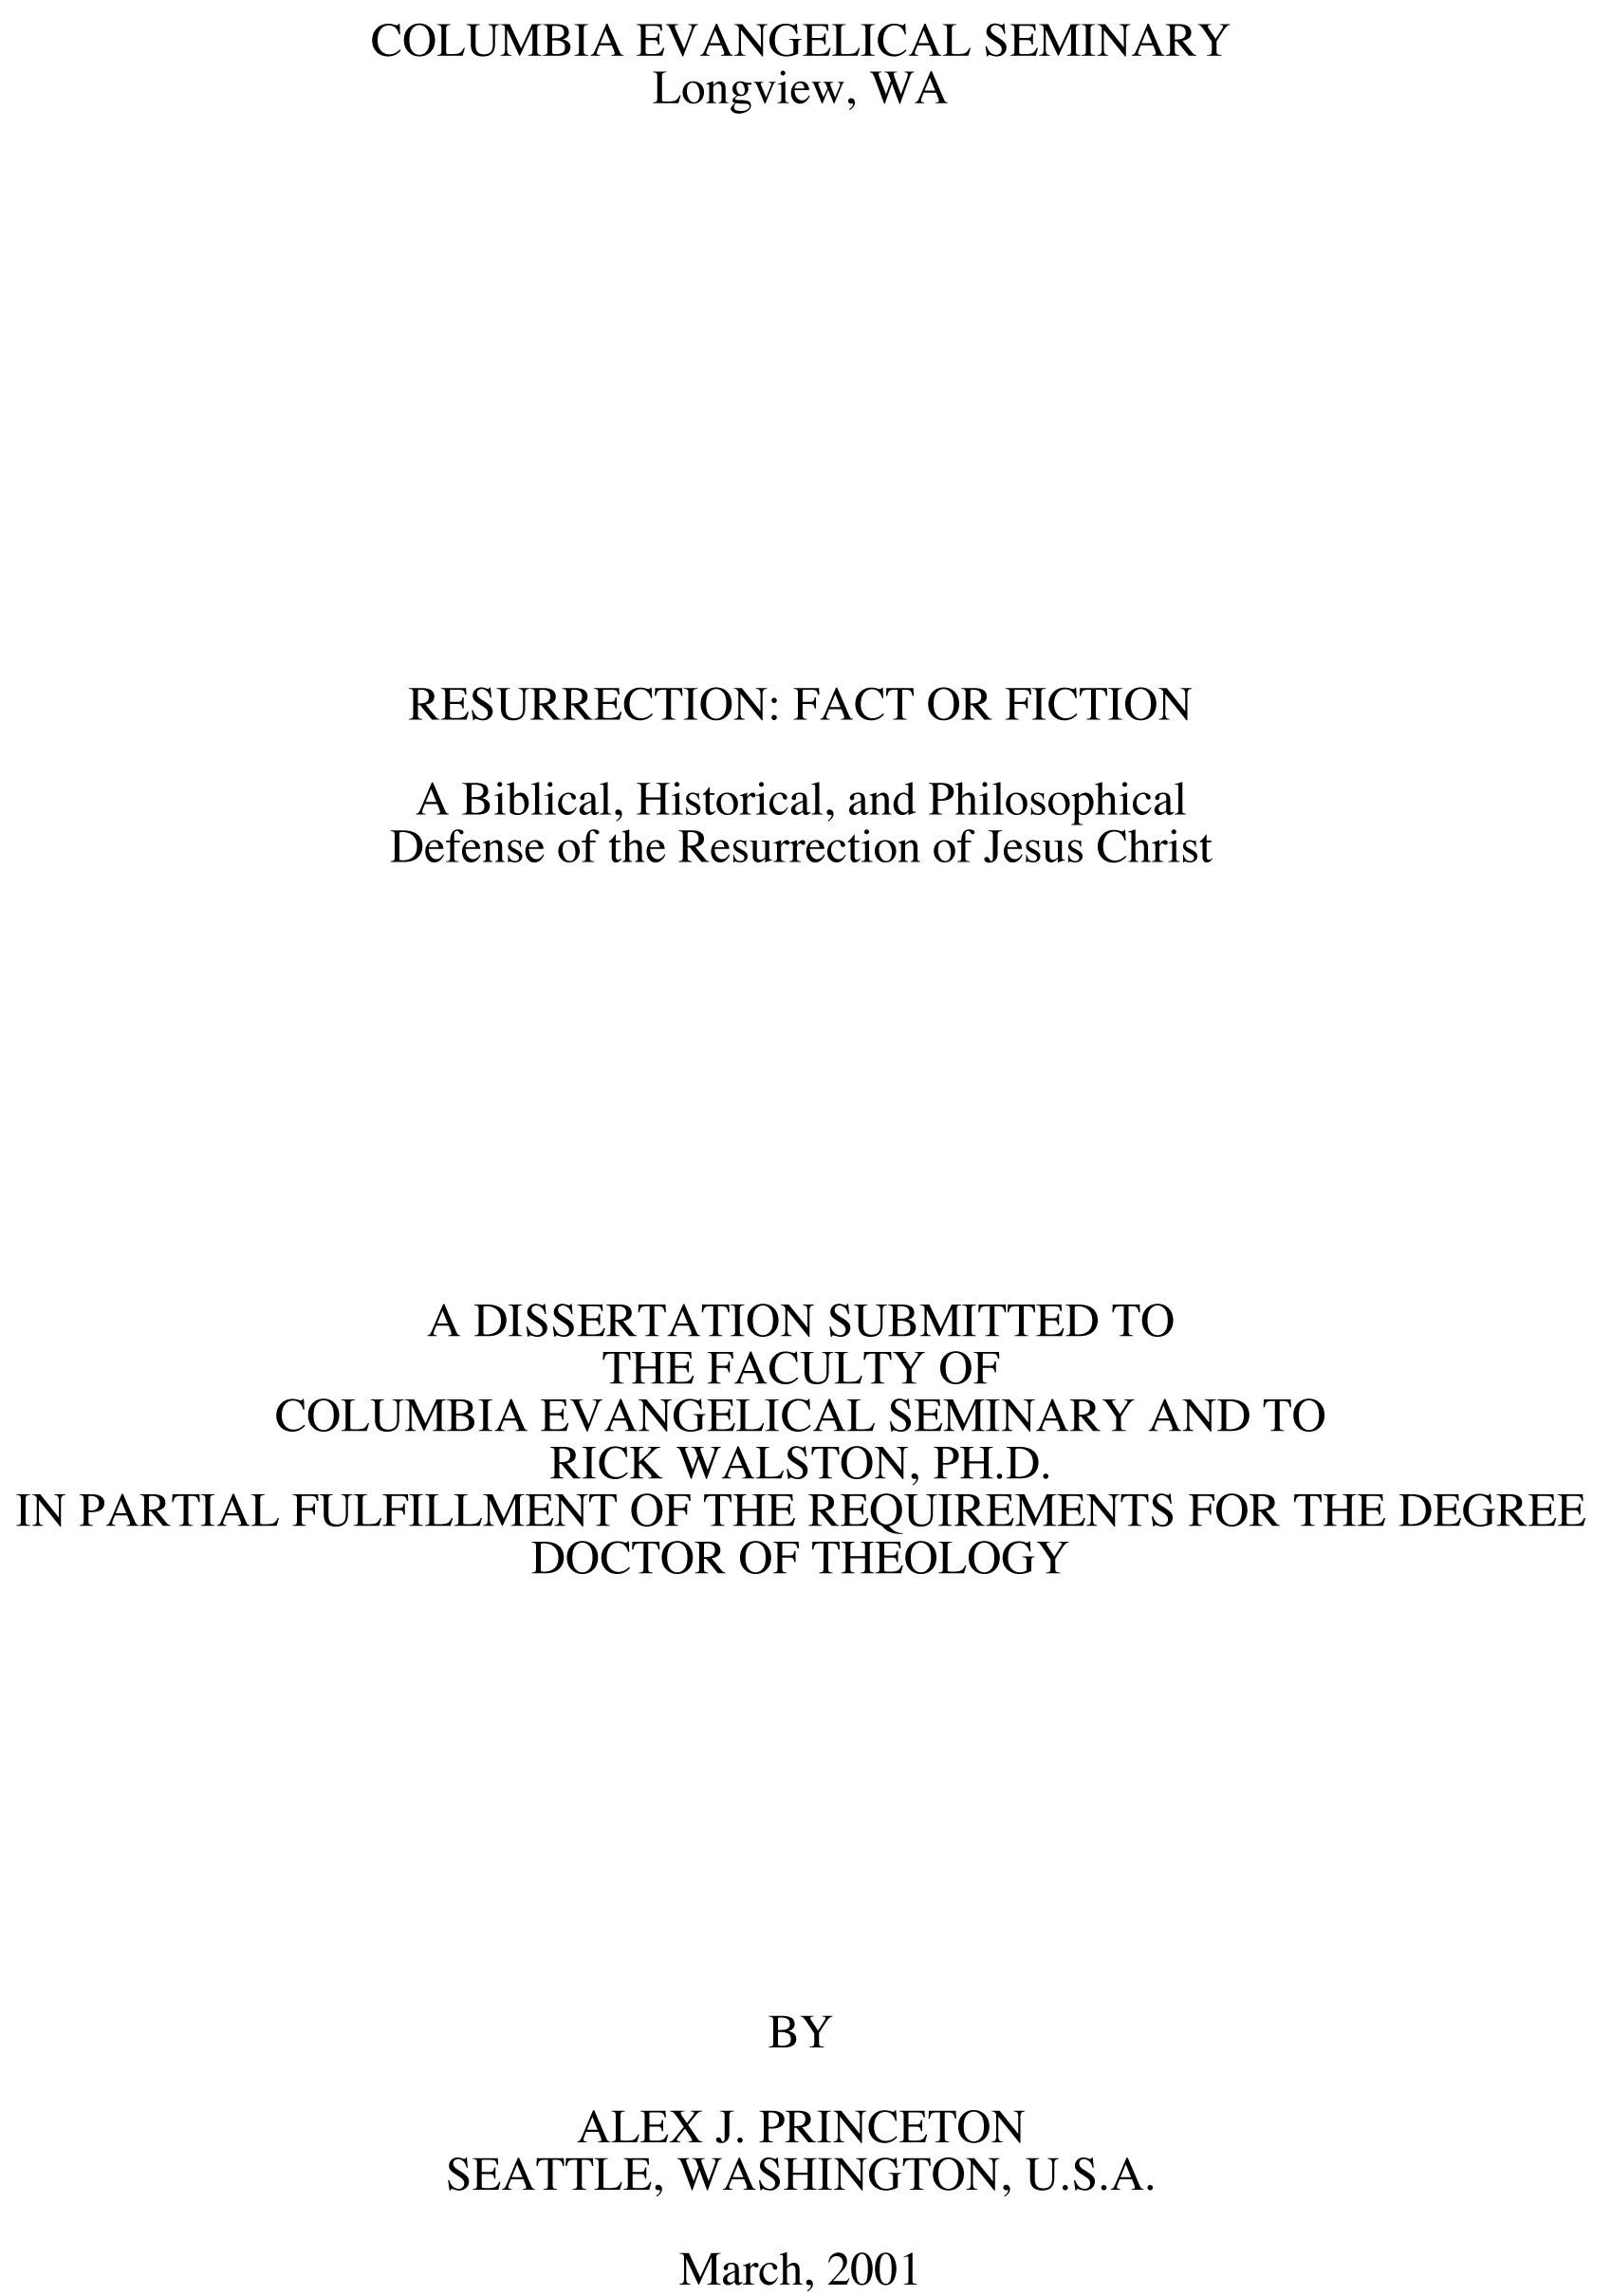 Rachel metalin thesis